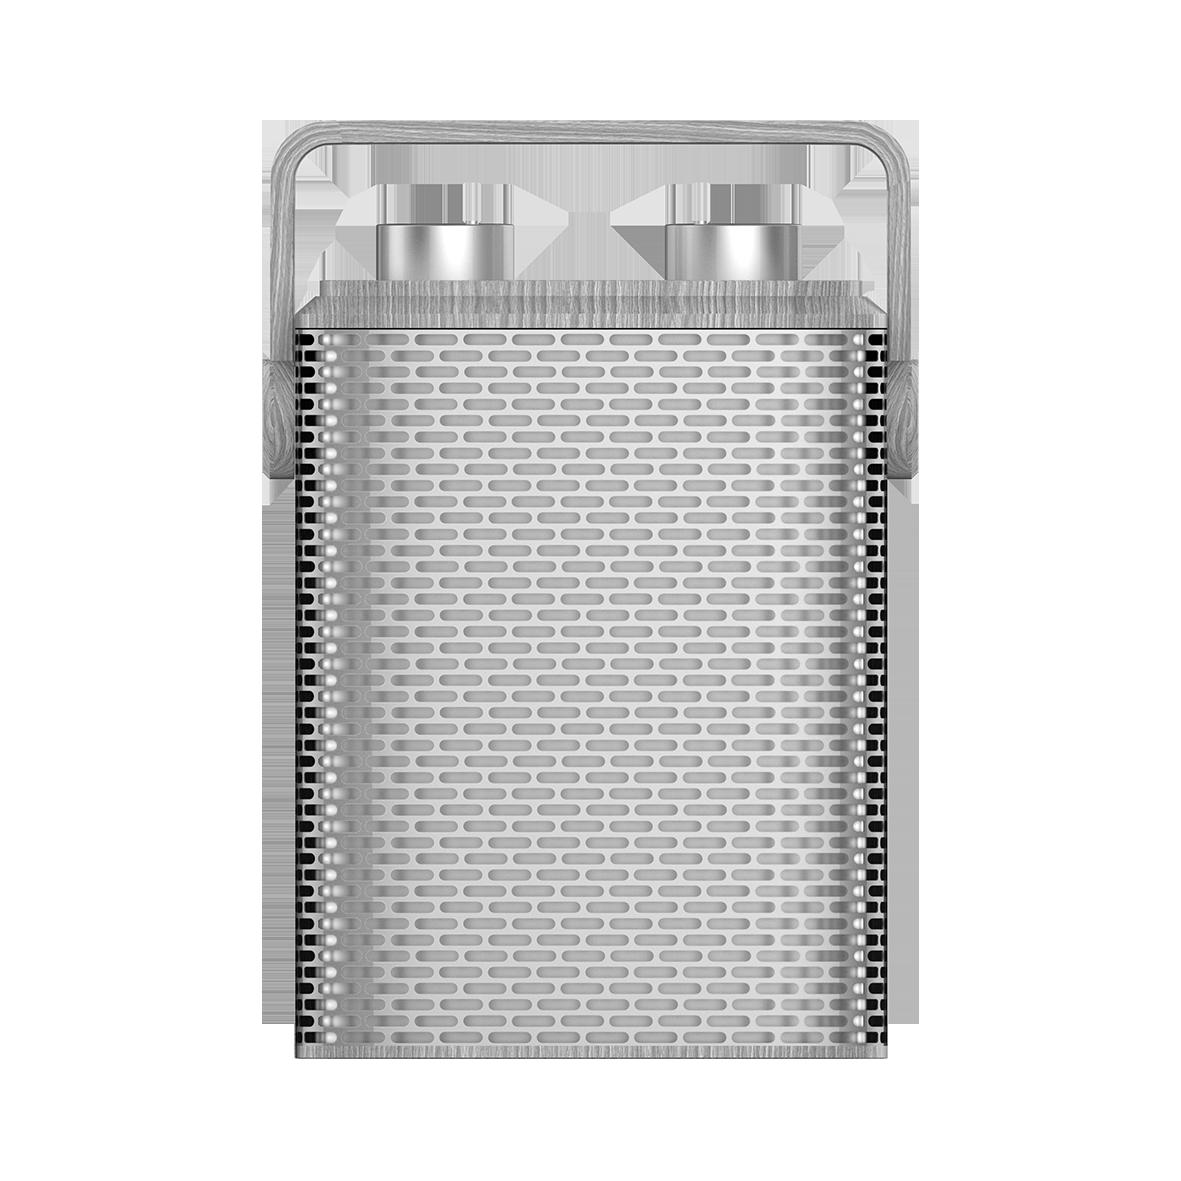 Тепловентилятор TIMBERK TFH T15PDS.DОбогреватели<br><br><br>Тип: термовентилятор<br>Тип нагревательного элемента: керамический нагреватель<br>Площадь обогрева, кв.м: 15<br>Вентиляция без нагрева: есть<br>Отключение при перегреве: есть<br>Вентилятор : есть<br>Управление: механическое<br>Напольная установка: есть<br>Ручка для перемещения: есть<br>Напряжение: 220/230 В